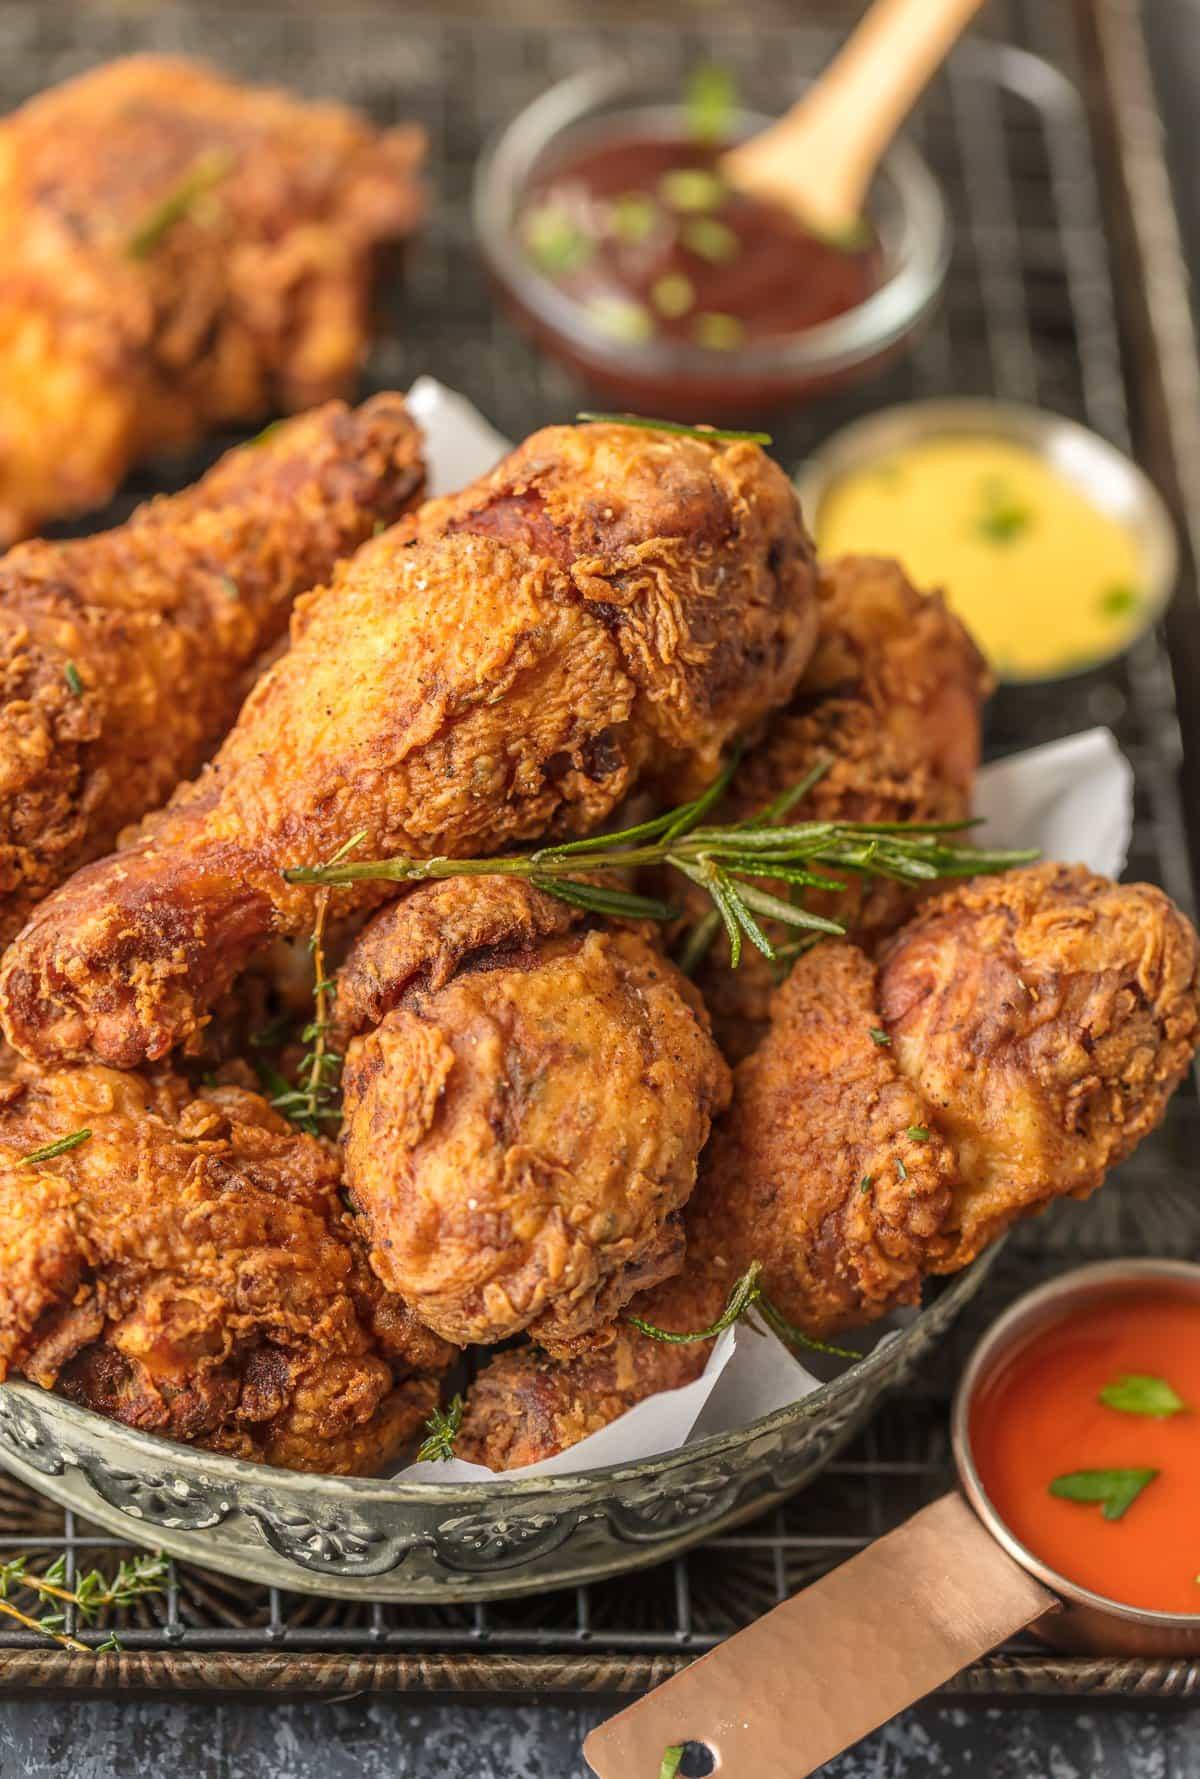 Buttermilk Fried Chicken Recipe  Best Buttermilk Fried Chicken Recipe — Dishmaps